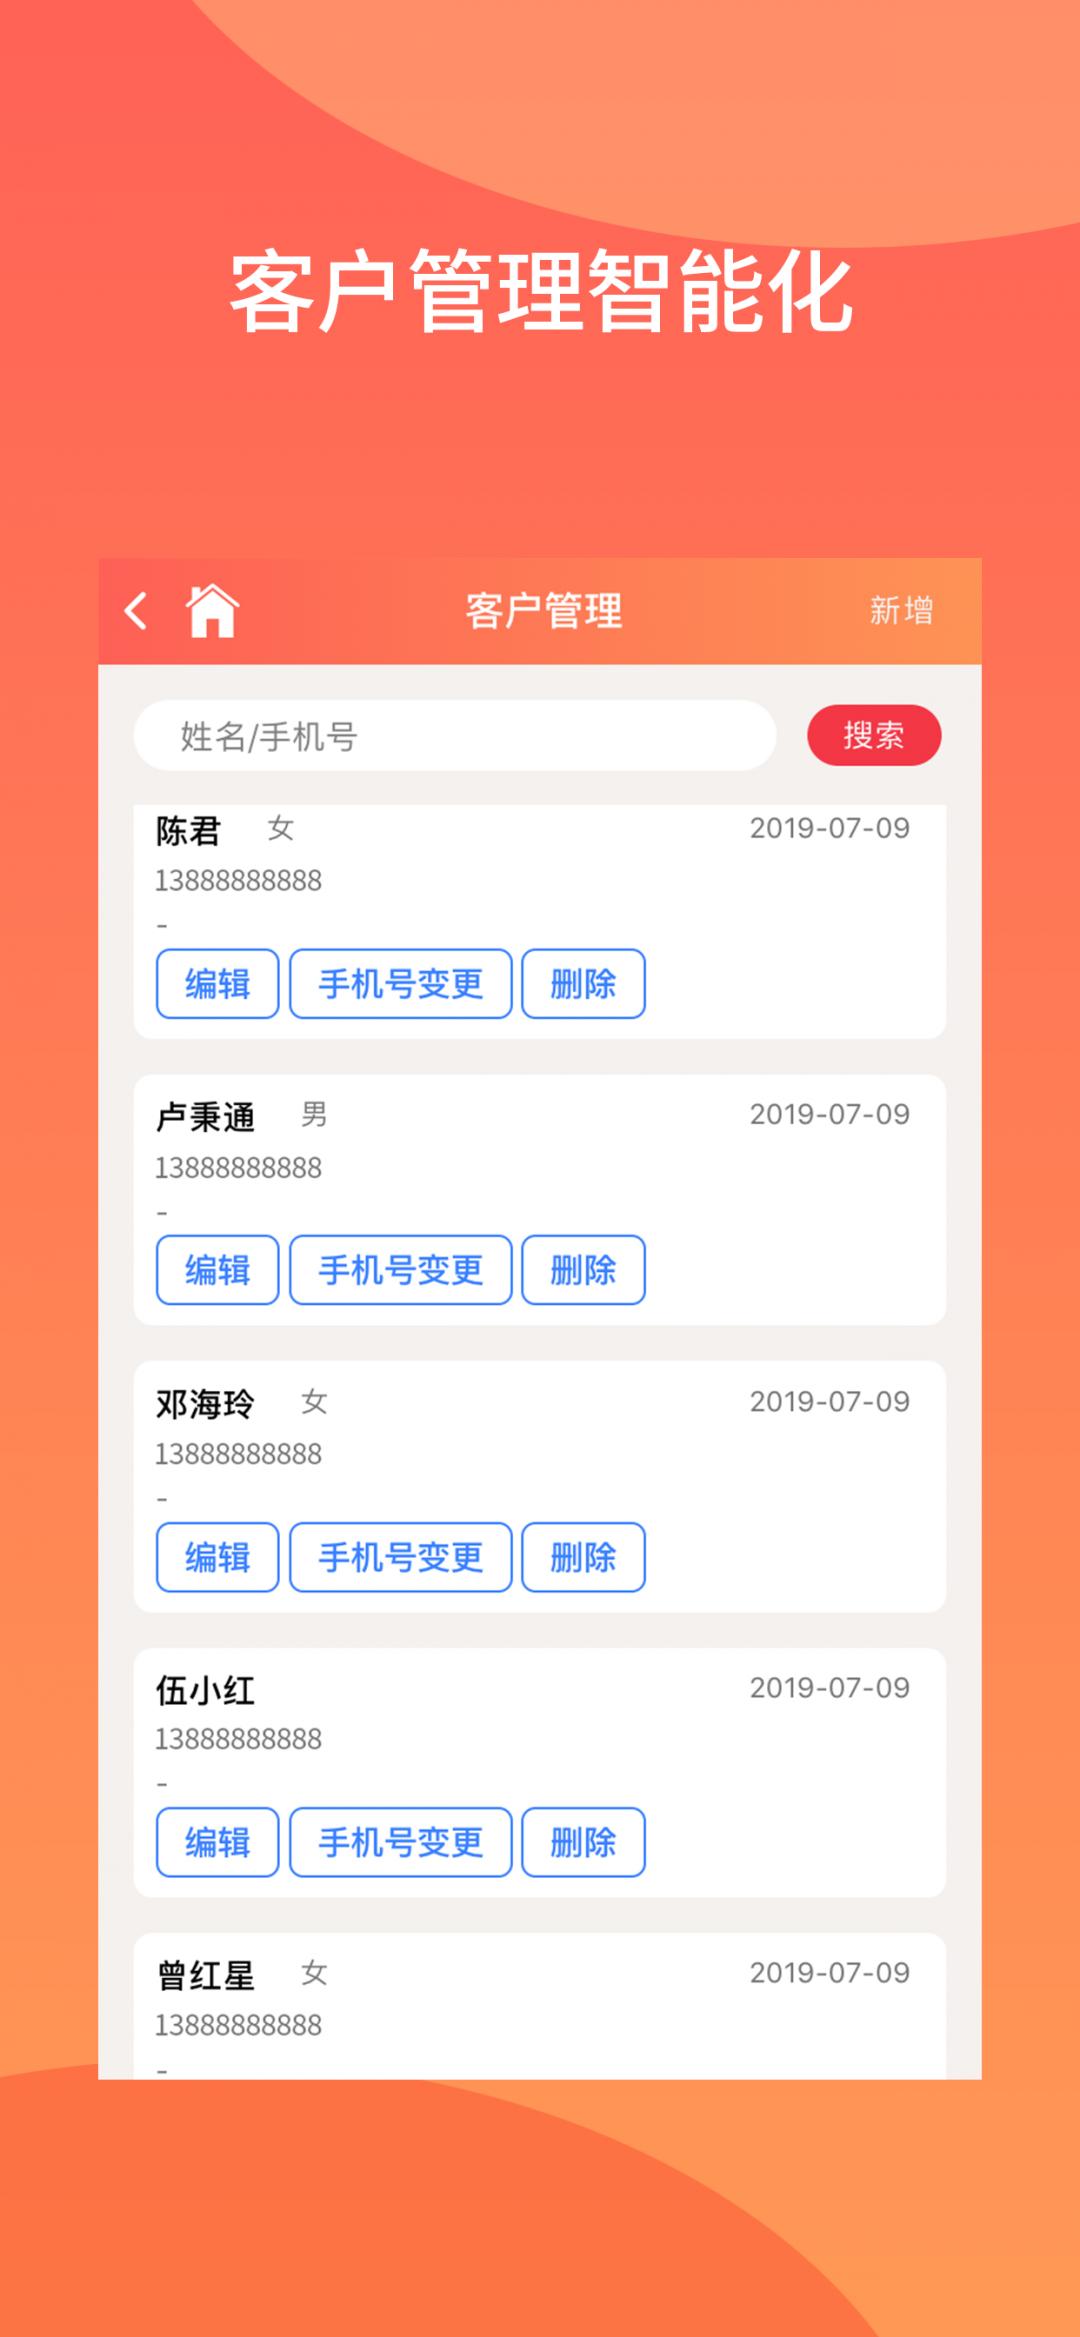 云智慧家装管理服务平台截图4